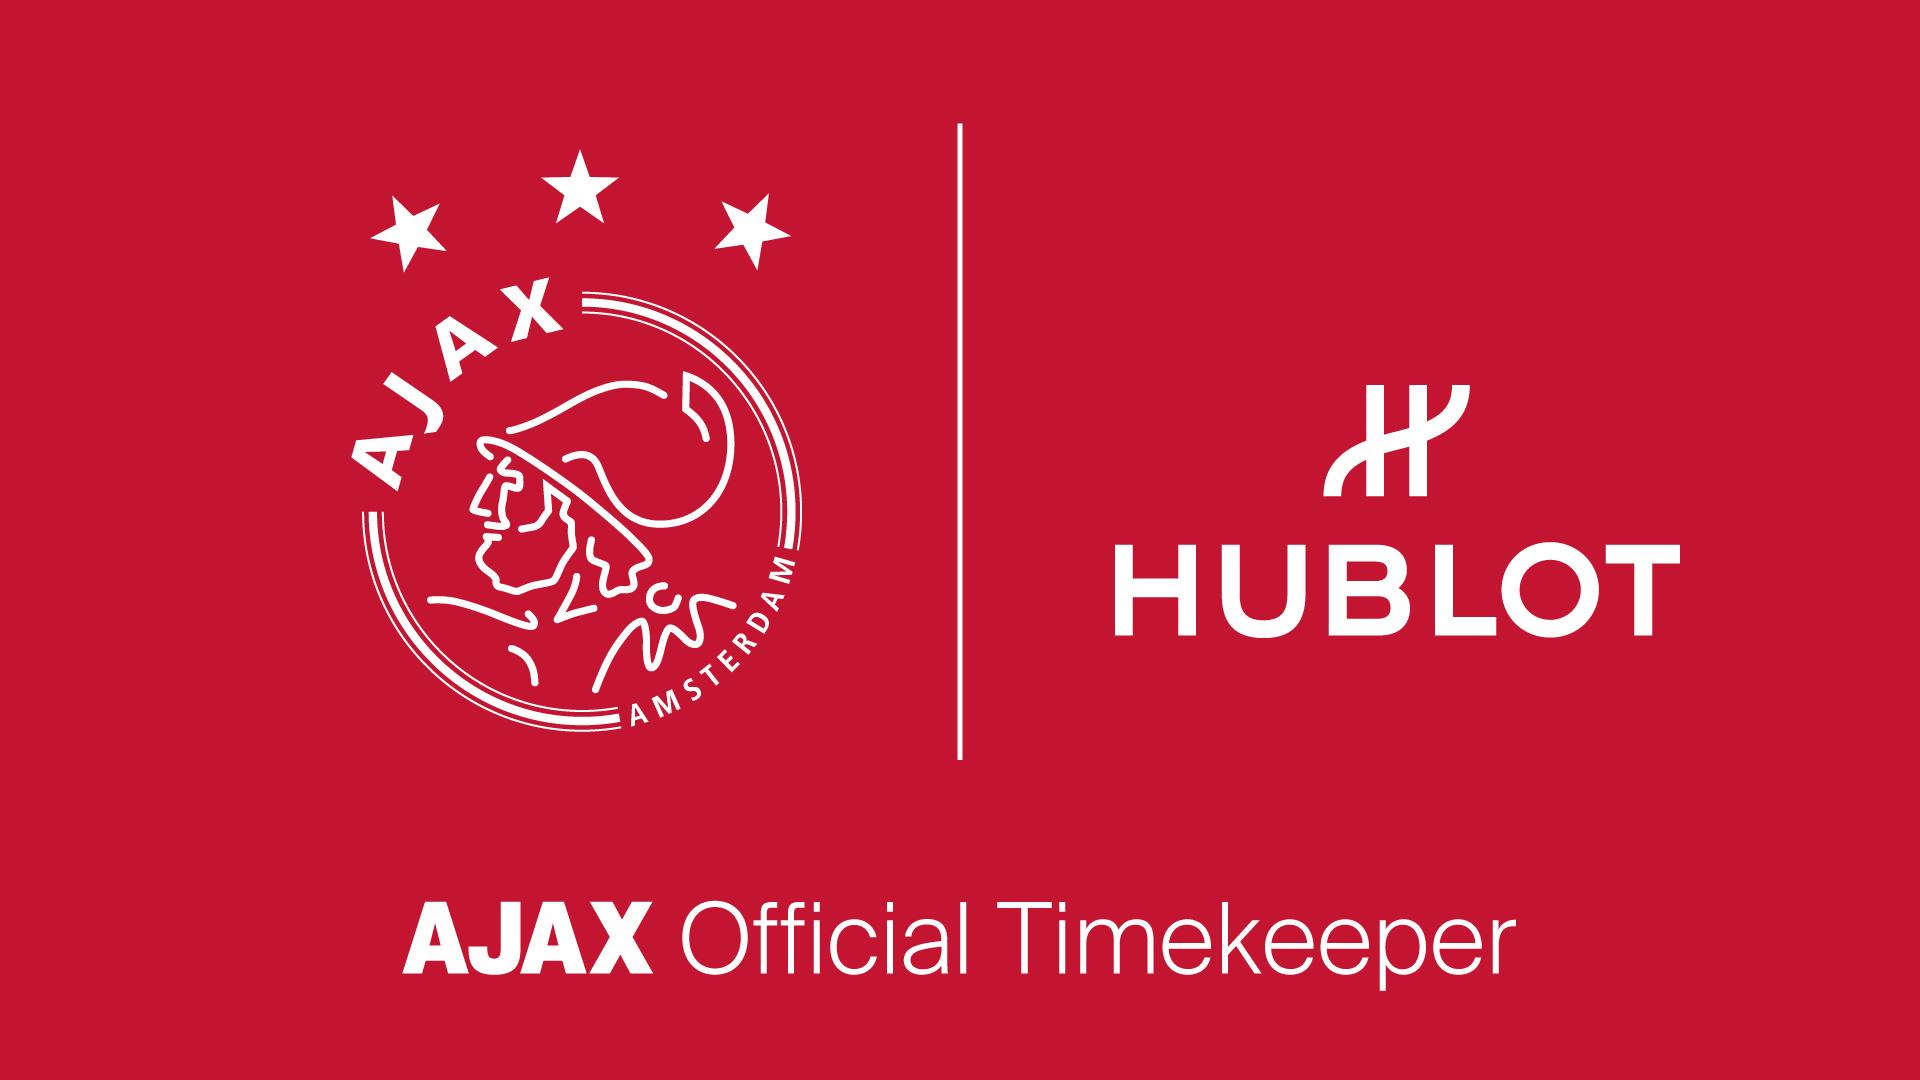 Ajax Hublot Official Timekeeper